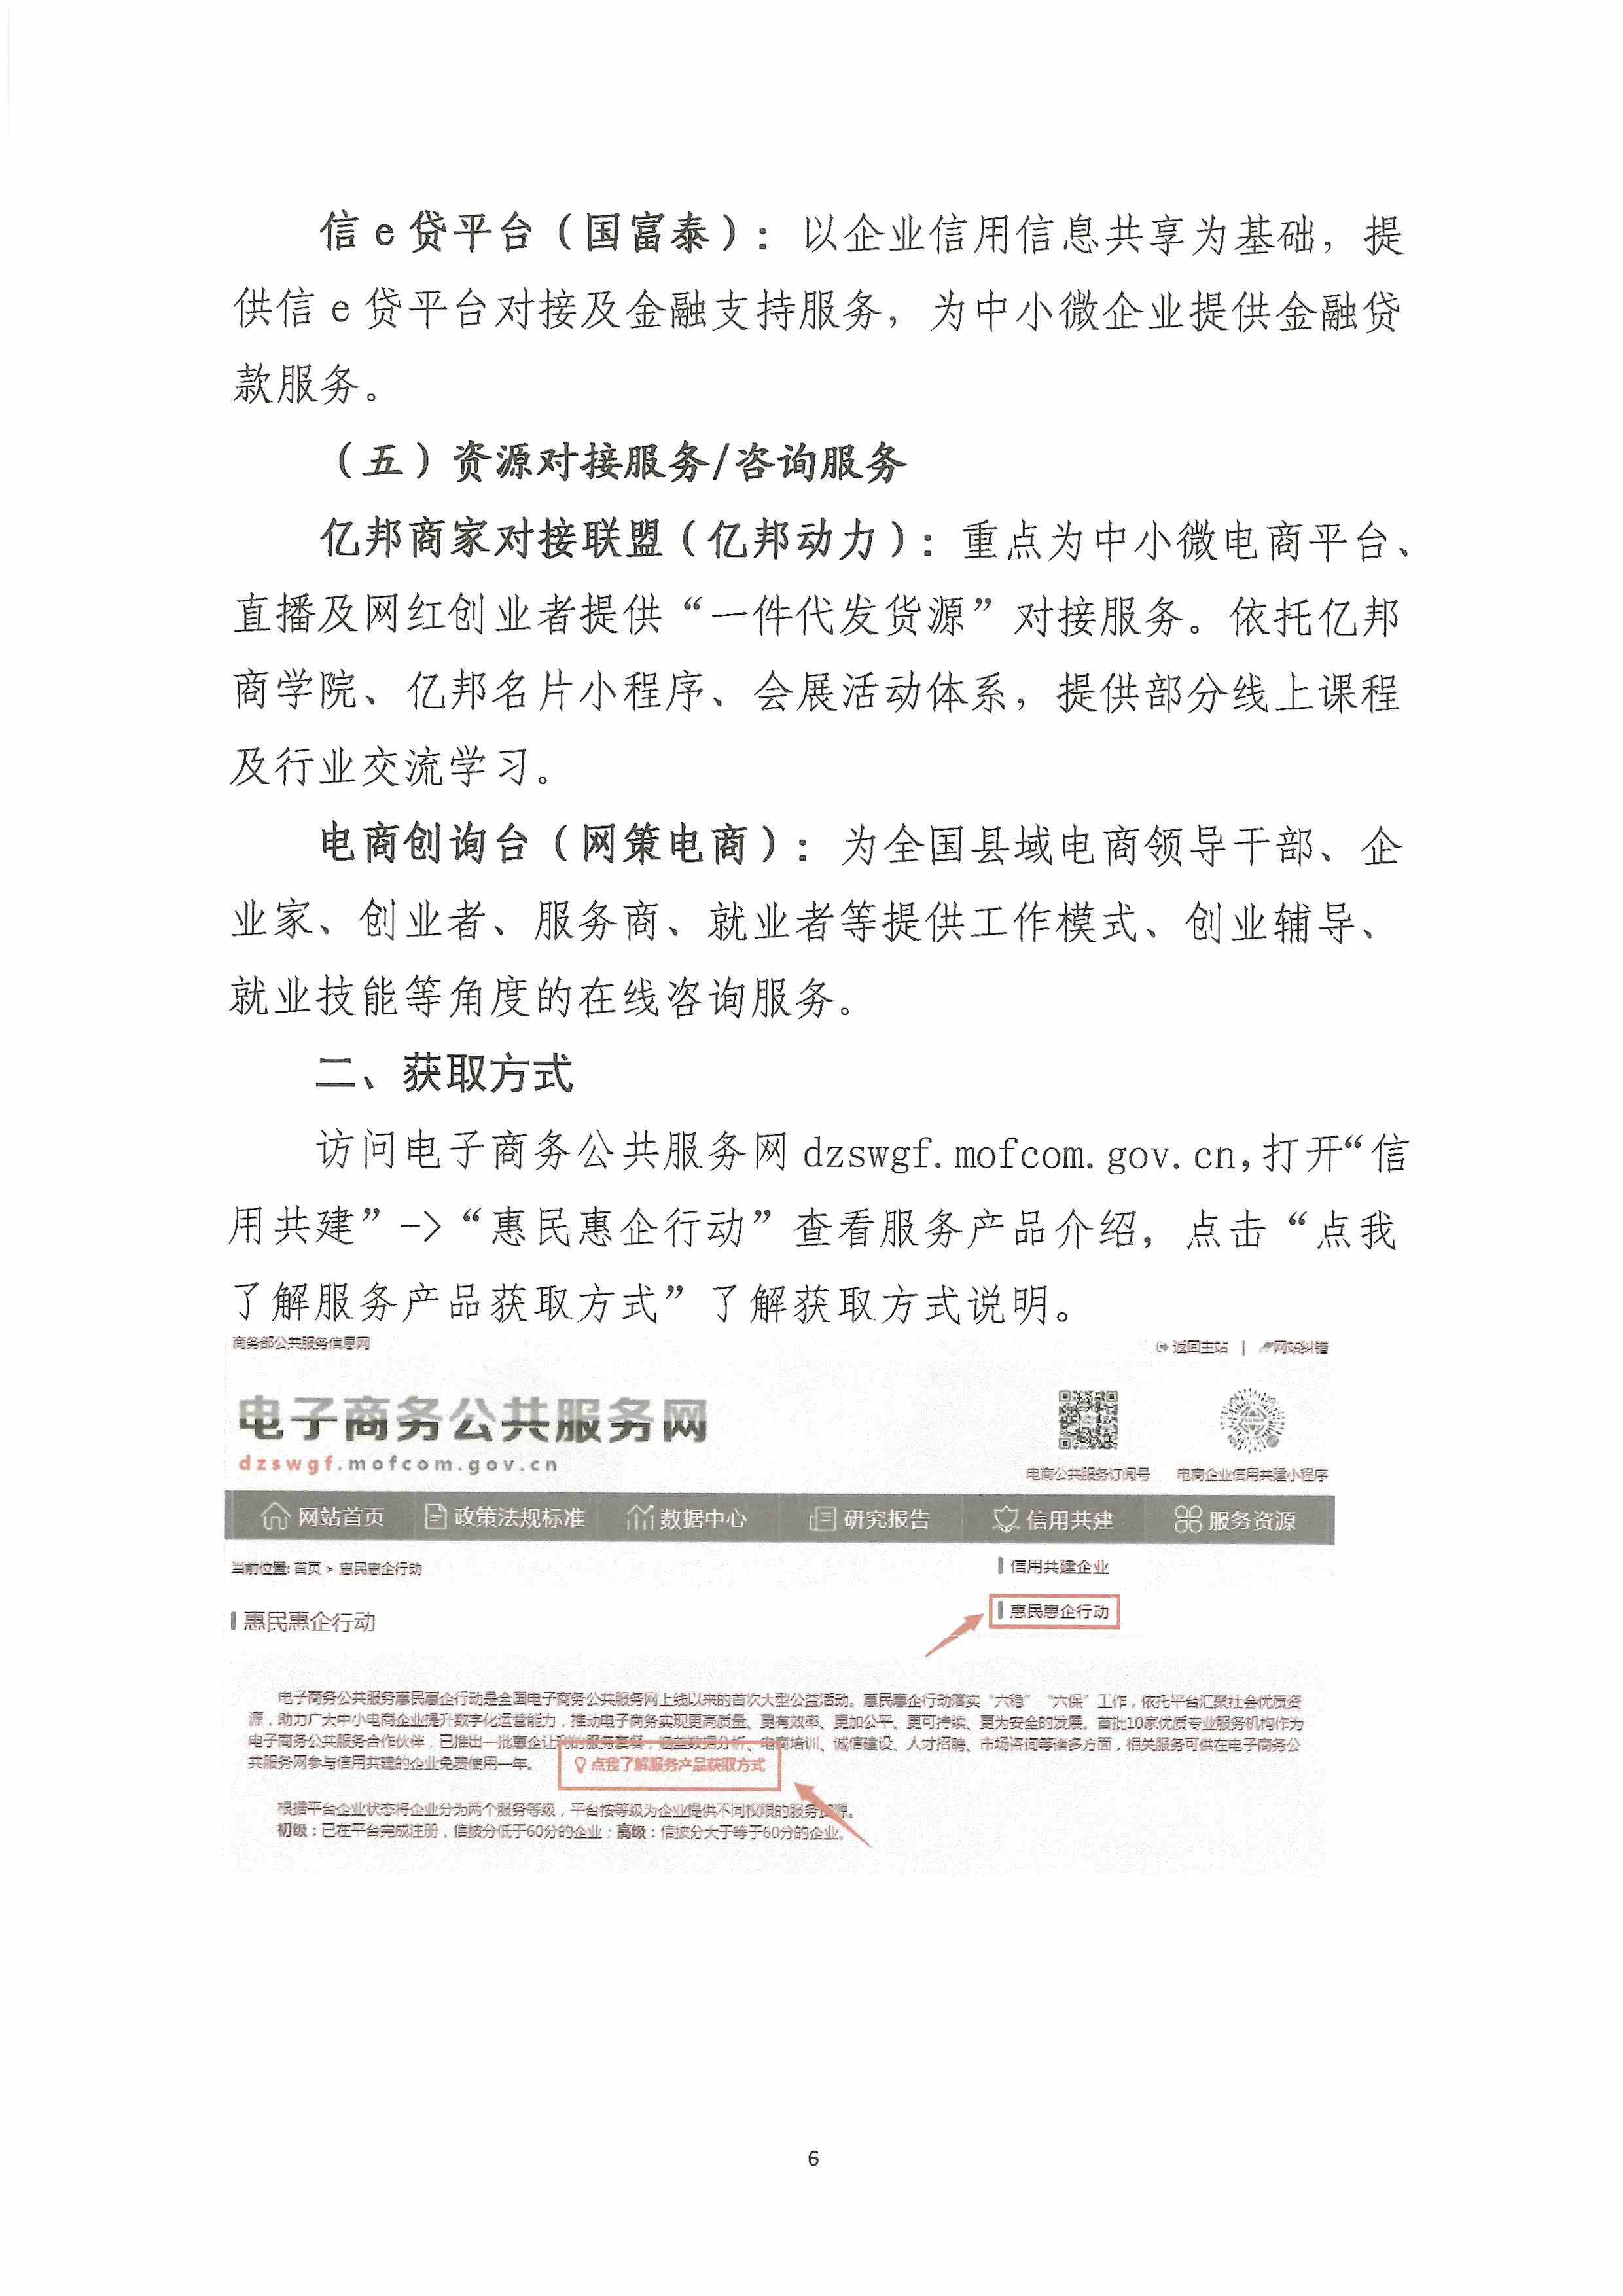 省商务厅关于开展电子商务公共服务惠民惠企行动的通知-6.jpg